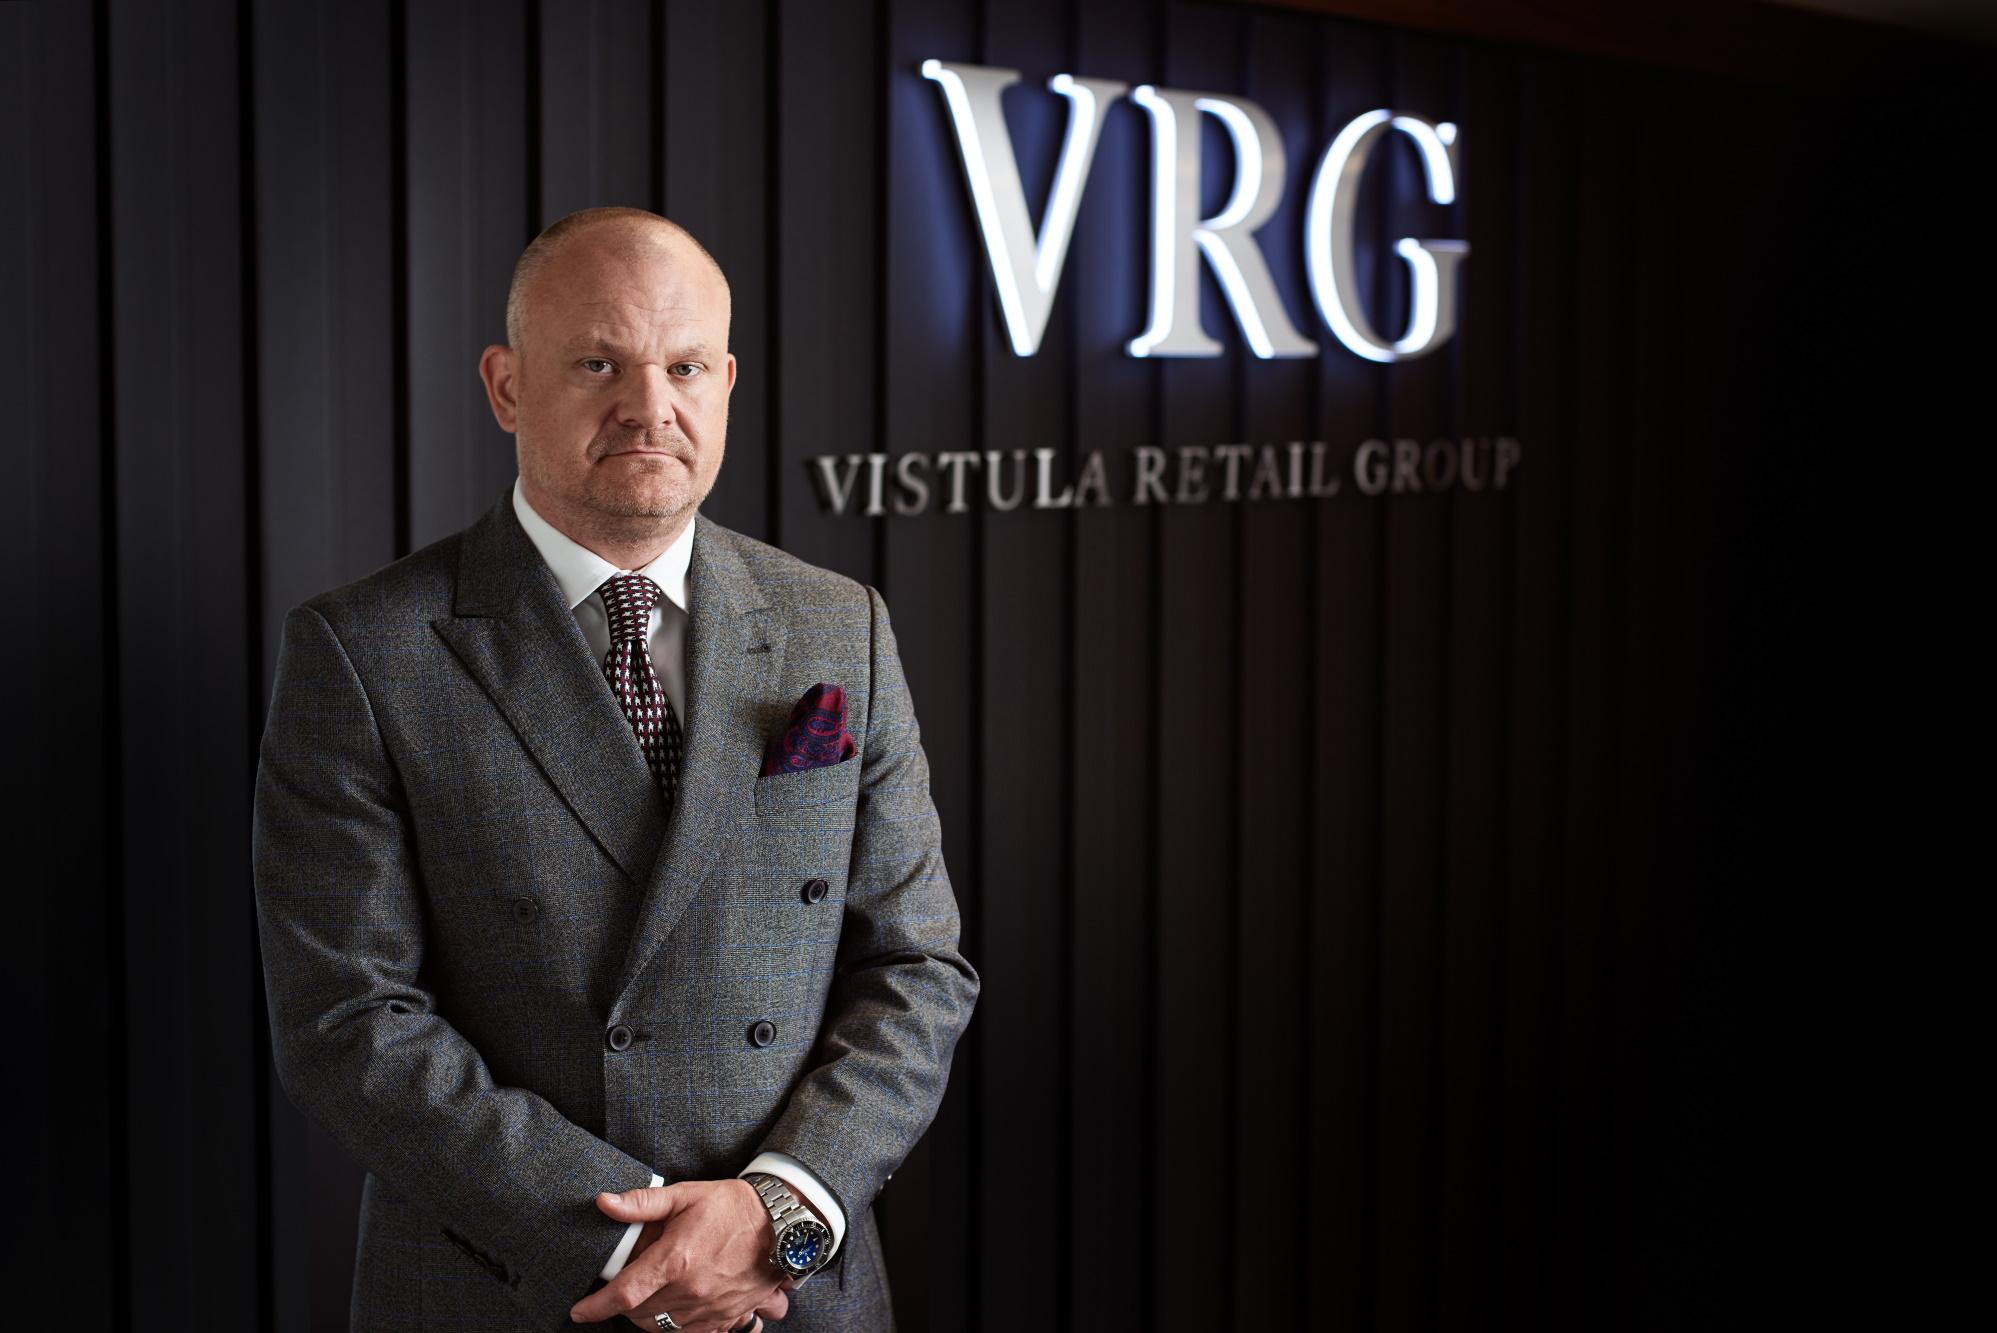 Radosław Jakociuk, wiceprezes VRG odpowiedzialny za działalność operacyjną i piony marek.